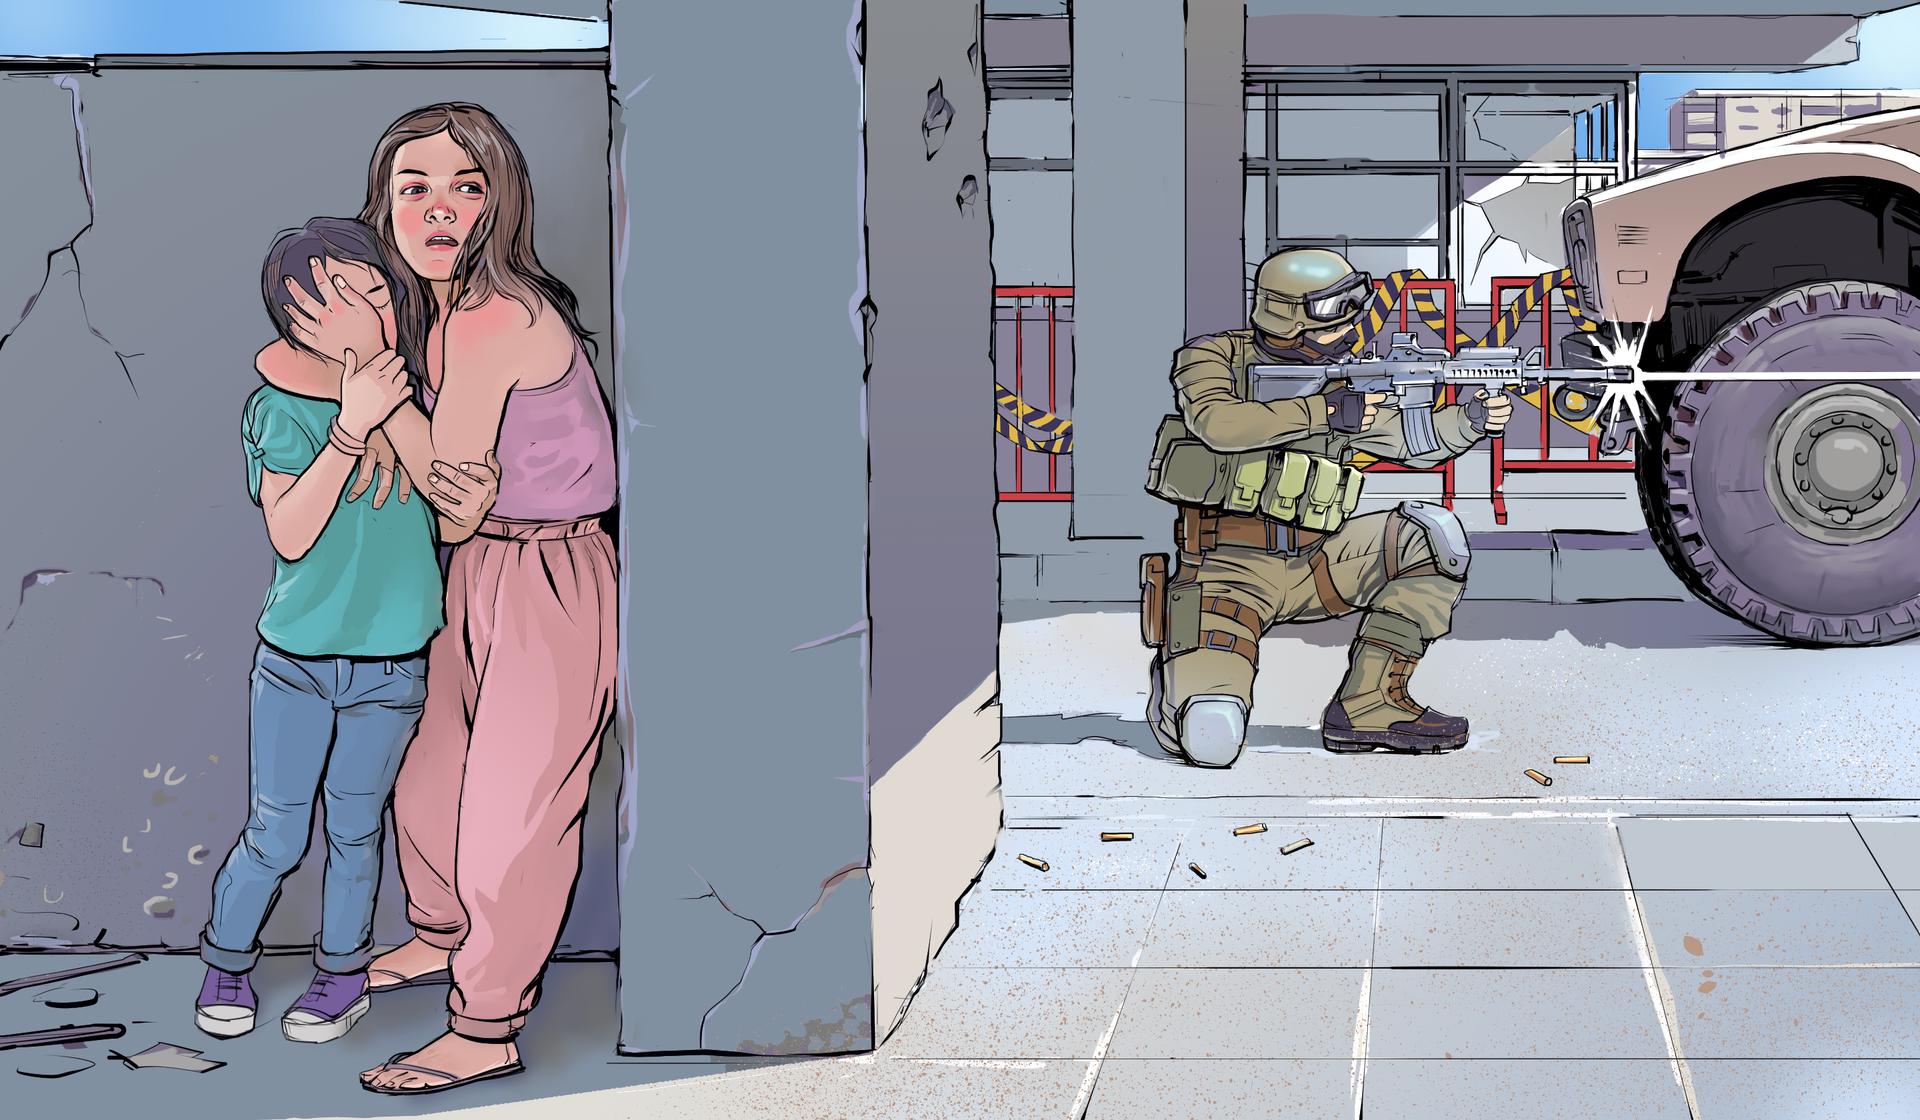 Kolorowa ilustracja przedstawia walki na ulicy. Po lewej stronie ściana budynku. Przy ścianie stoi dwoje dzieci. Dzieci chowają się. Dziewczynka wwieku około 8 lat. Obok, po lewej dziecko wwieku około 5 lat. Starsza iwyższa dziewczynka zakrywa lewą dłonią twarz dziecka. Po prawej, wgłębi ilustracji, ulica. Na ulicy żołnierz klęczący na prawym kolanie trzyma karabin maszynowy istrzela wlewą stronę. Po lewej wóz bojowy. Wgłębi budynki.